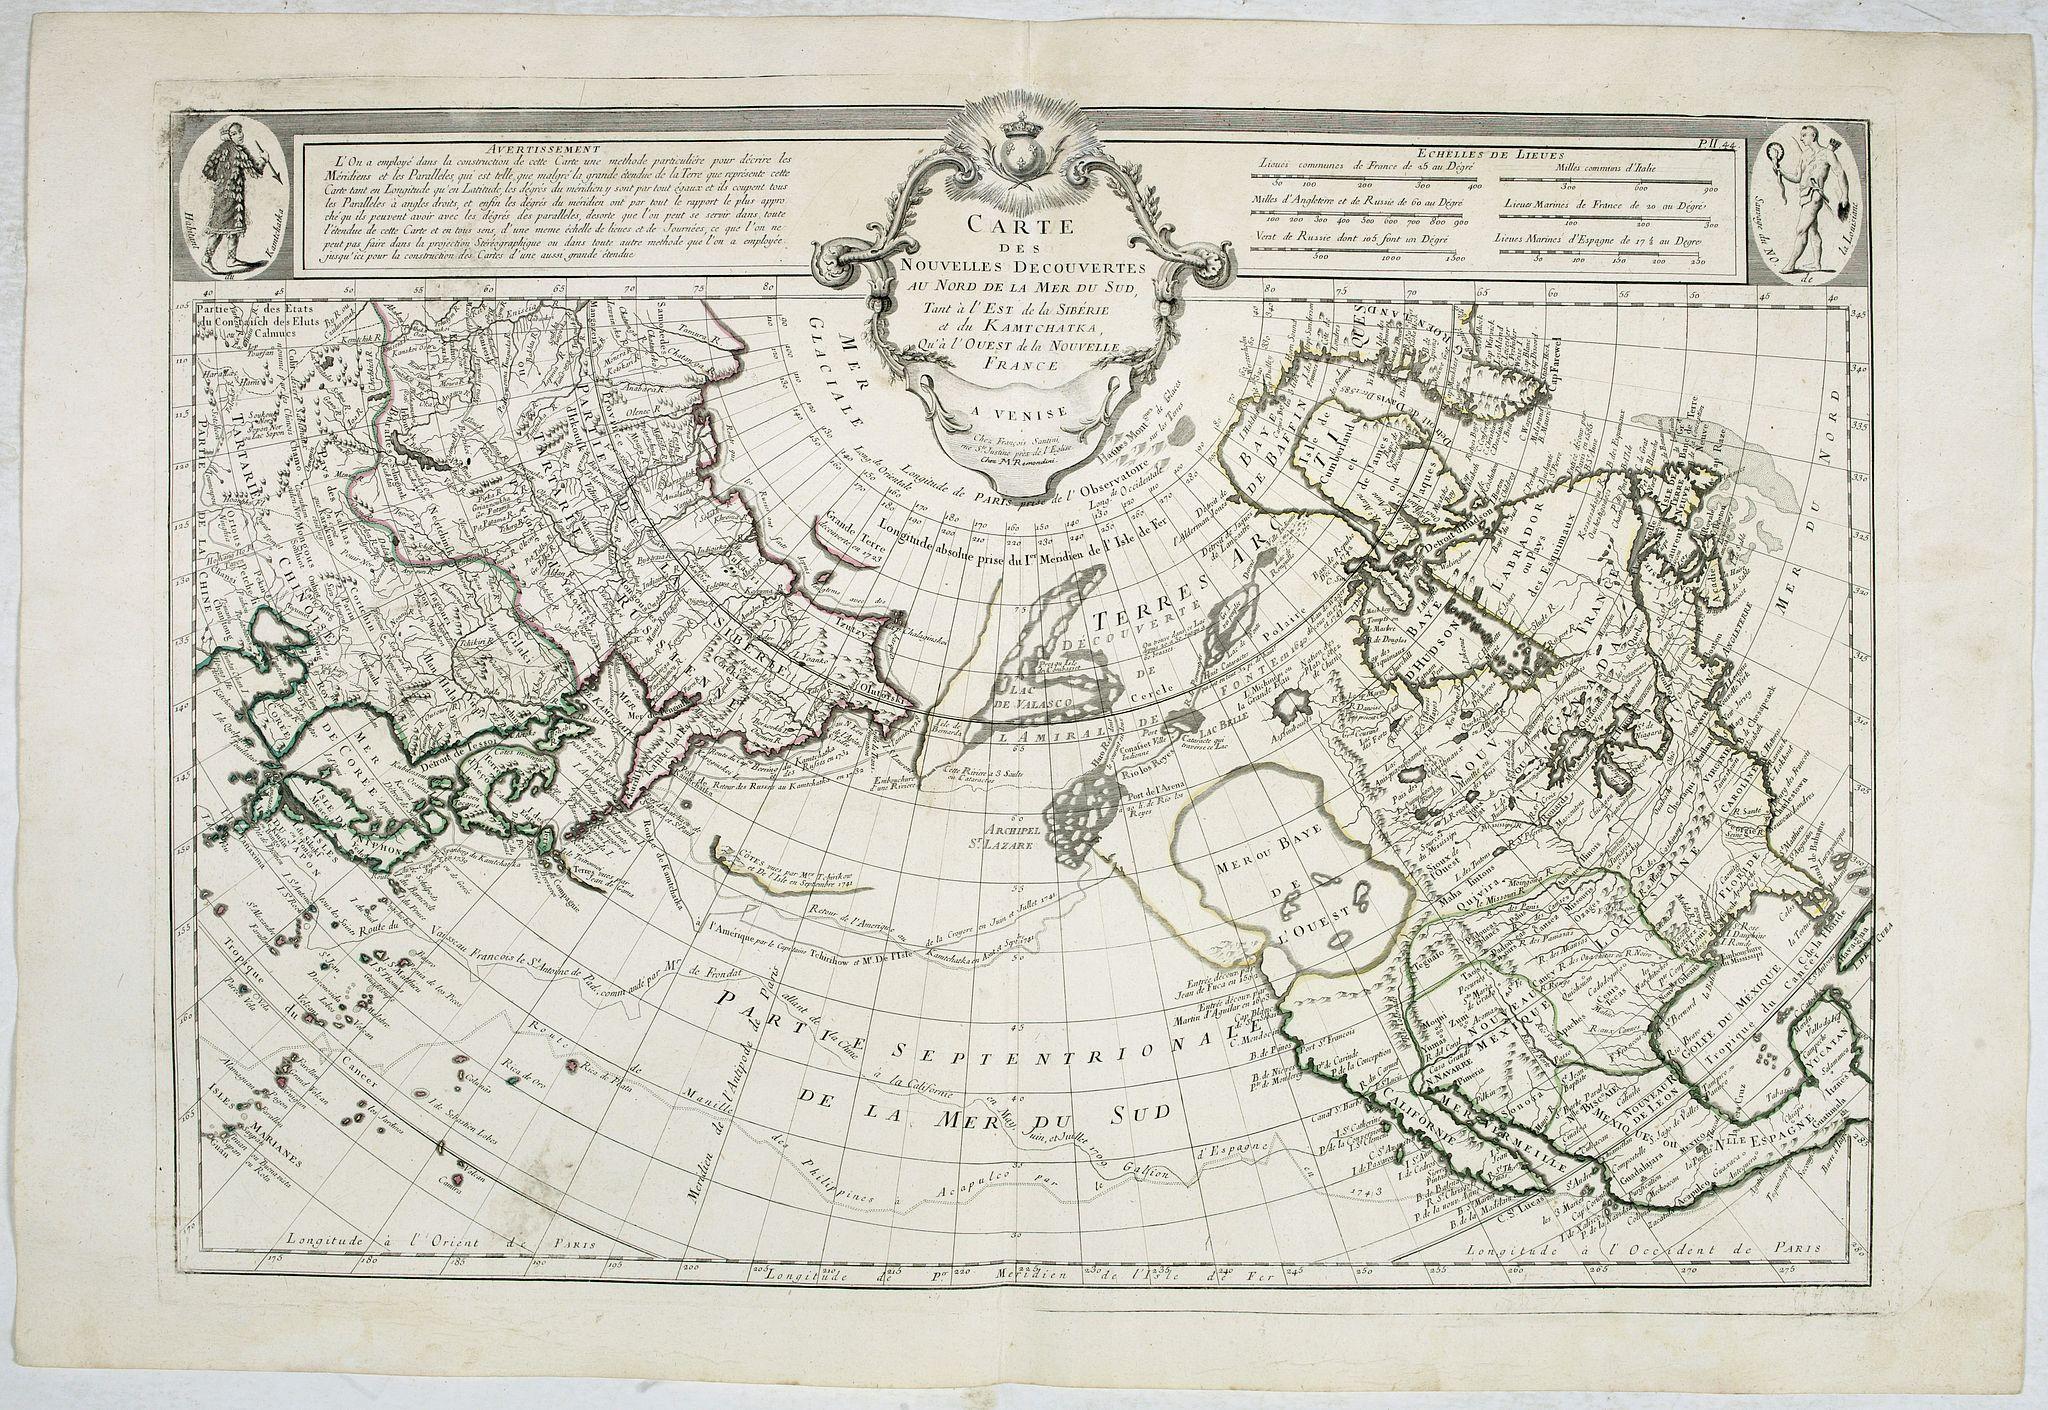 SANTINI, P. / REMONDINI, M. -  Carte des nouvelles decouvertes au Nord de la Mer du Sud.